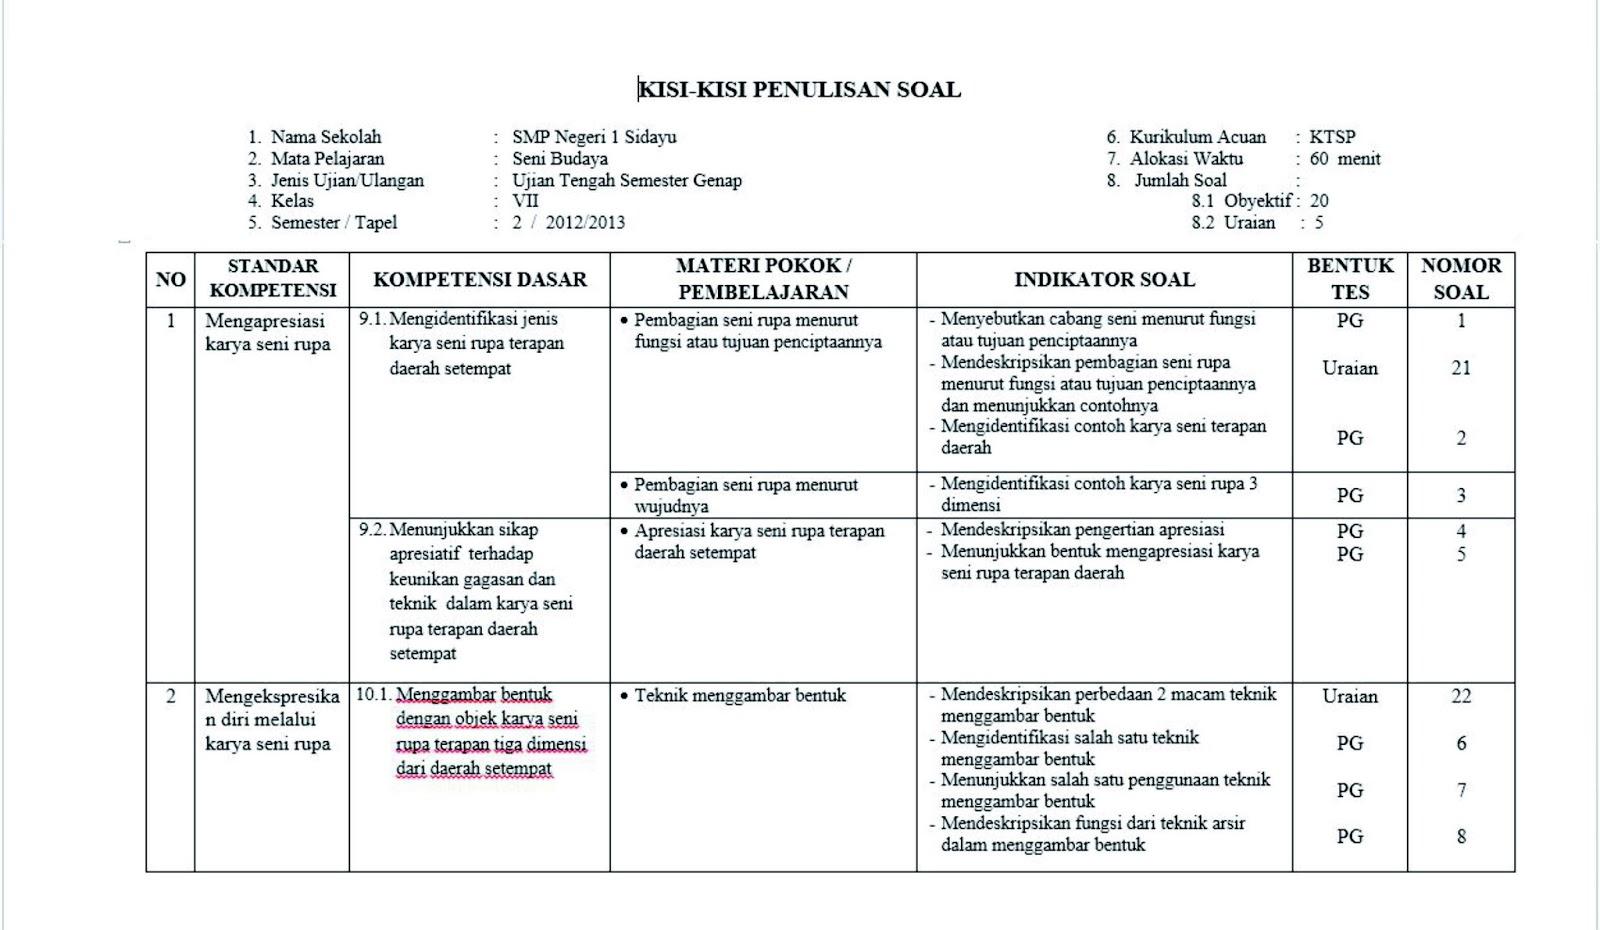 Kisi Kisi Soal Pkn Smp Kelas 7 Semester 1 Dan2 2